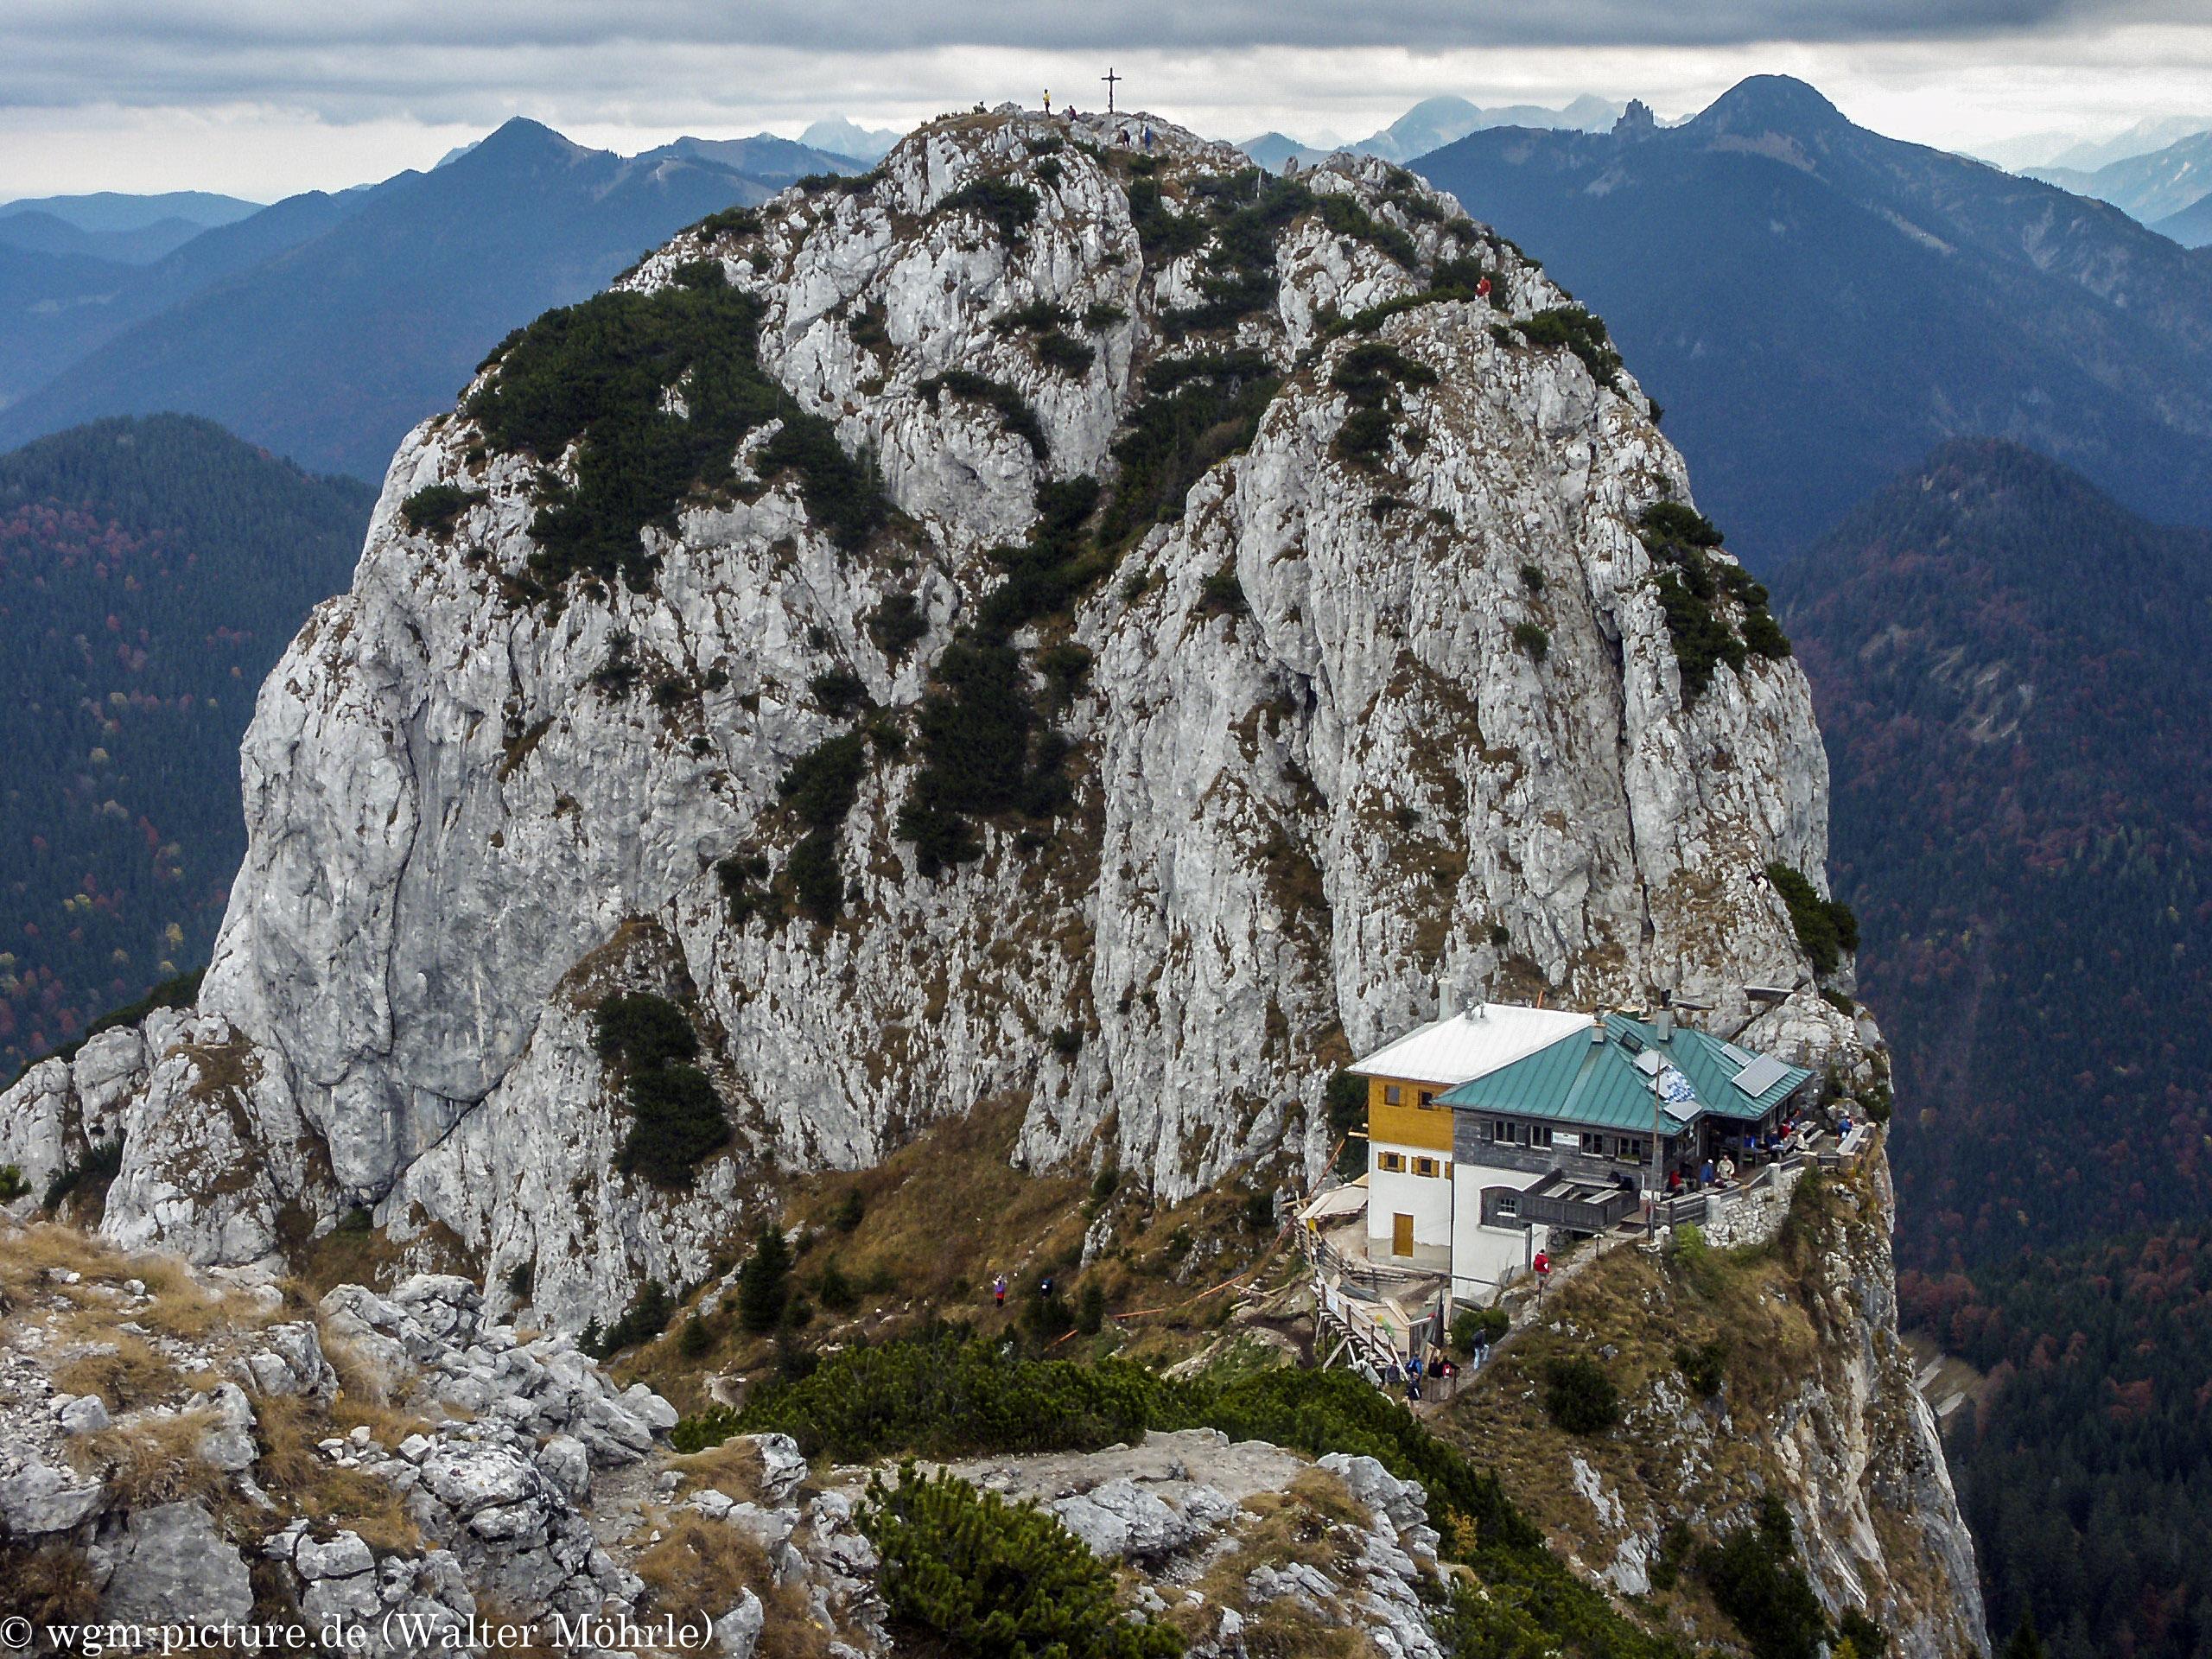 Klettersteig Buchstein : Buchstein mit der tegernseer hütte wgm picture